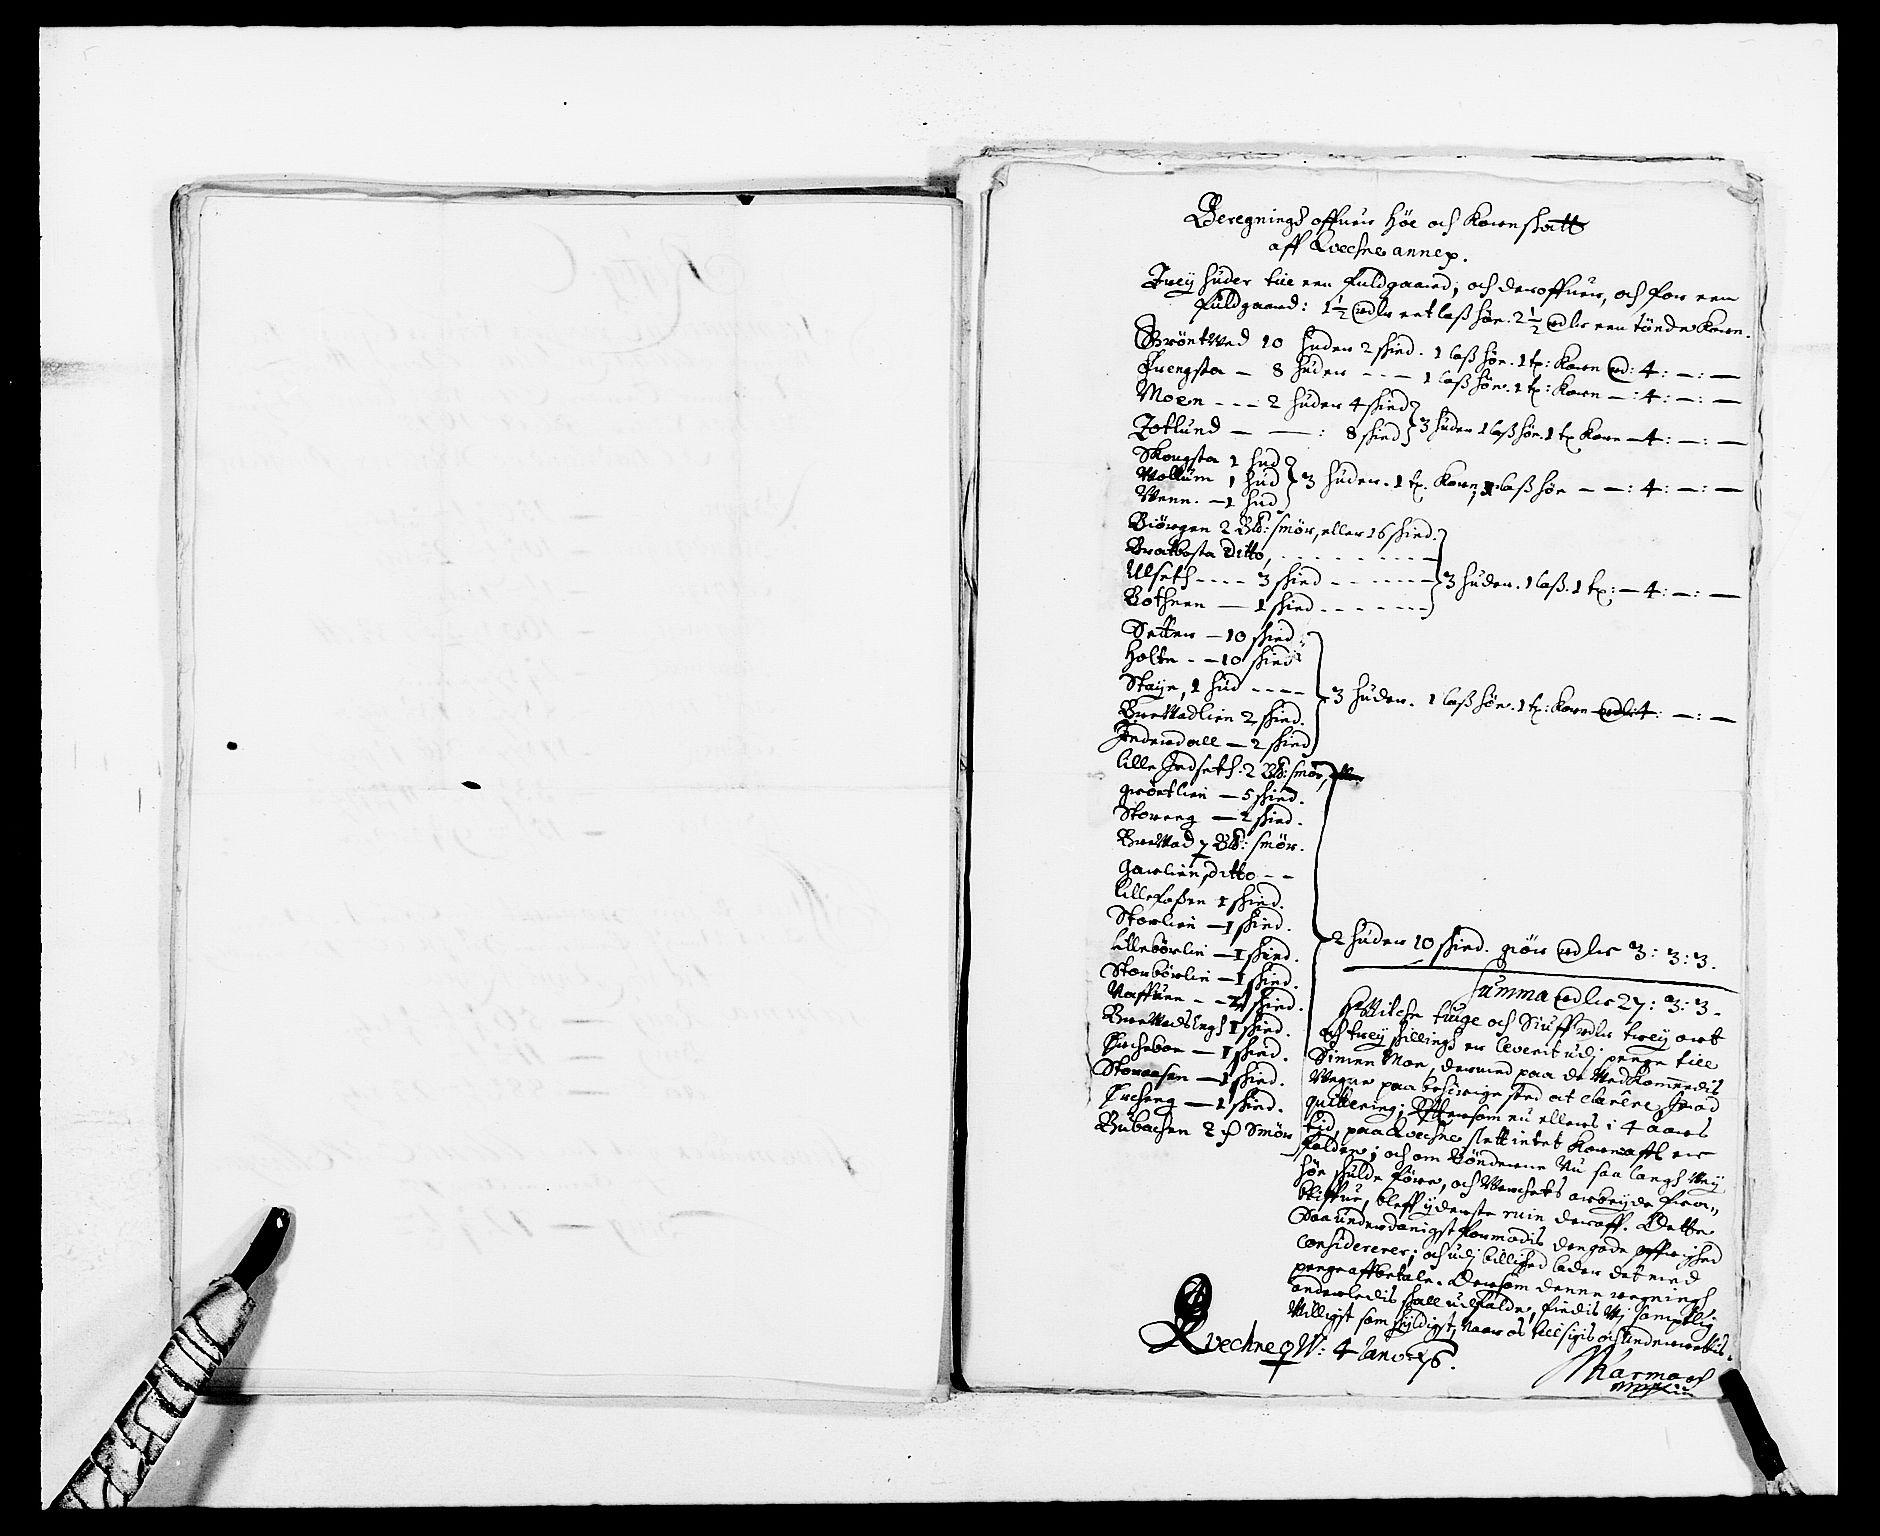 RA, Rentekammeret inntil 1814, Reviderte regnskaper, Fogderegnskap, R13/L0812: Fogderegnskap Solør, Odal og Østerdal, 1676, s. 200